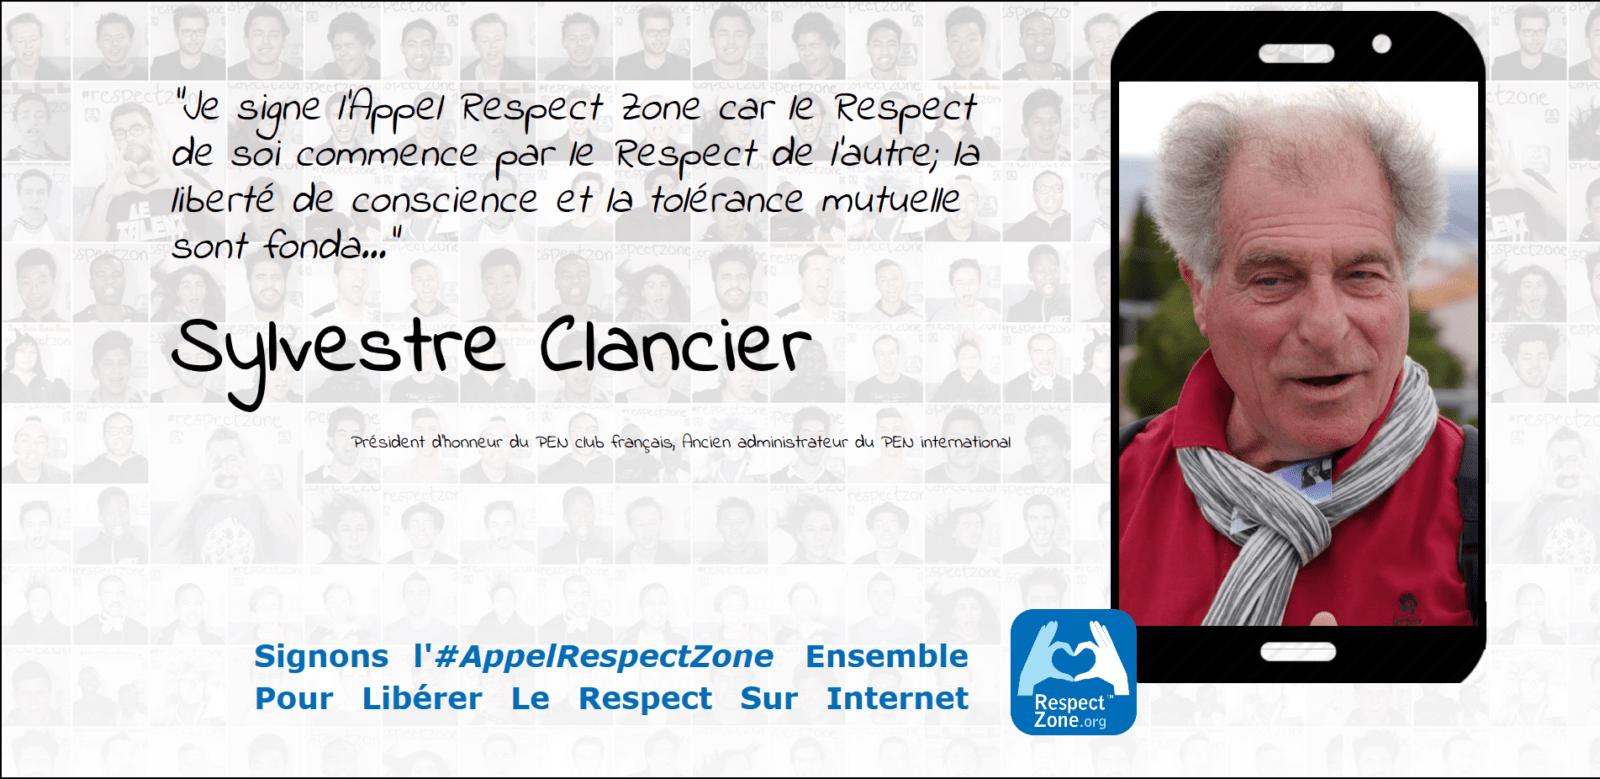 Sylvestre Clancier